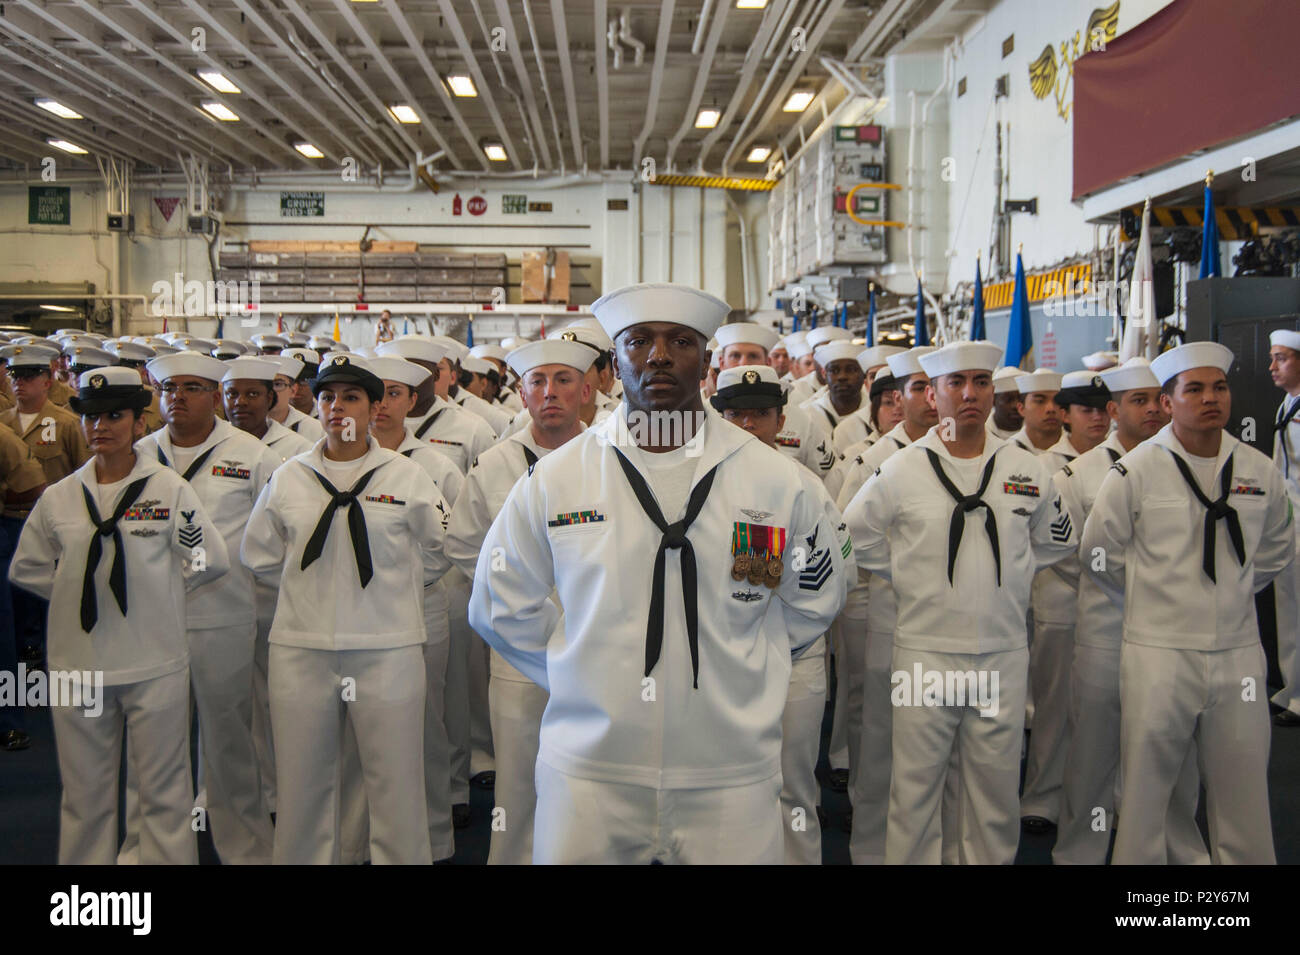 160804-N-EW322-033 SAN DIEGO (Août 4, 2016) - 1ère classe Mécanicien structurels de l'Aviation Jamaan Fripp, de Beaufort, Caroline du Sud, est en formation avec ses collègues USS Makin Island (DG 8) marins au cours d'une cérémonie de passation de commandement dans le hangar du navire. Capt Mark Melson soulagé le Capitaine Jon P. Rodgers durant la cérémonie. Le navire d'assaut amphibie est homeported à San Diego. (U.S. Photo par marine Spécialiste de la communication de masse Seaman Clark D. Lane/libérés) Photo Stock